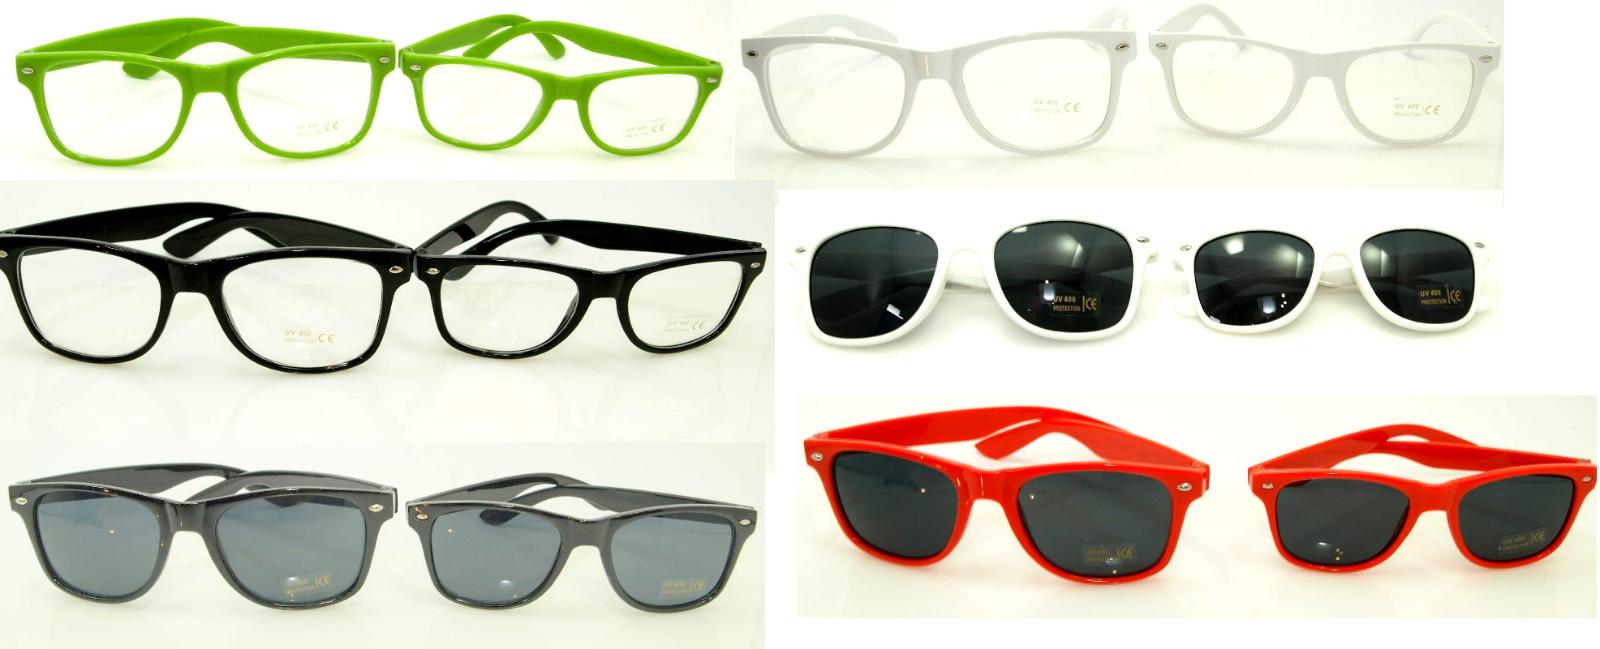 Neue schöne Sonnenbrille für eine Frau einen Mann oder ein Kind mit 100% UV